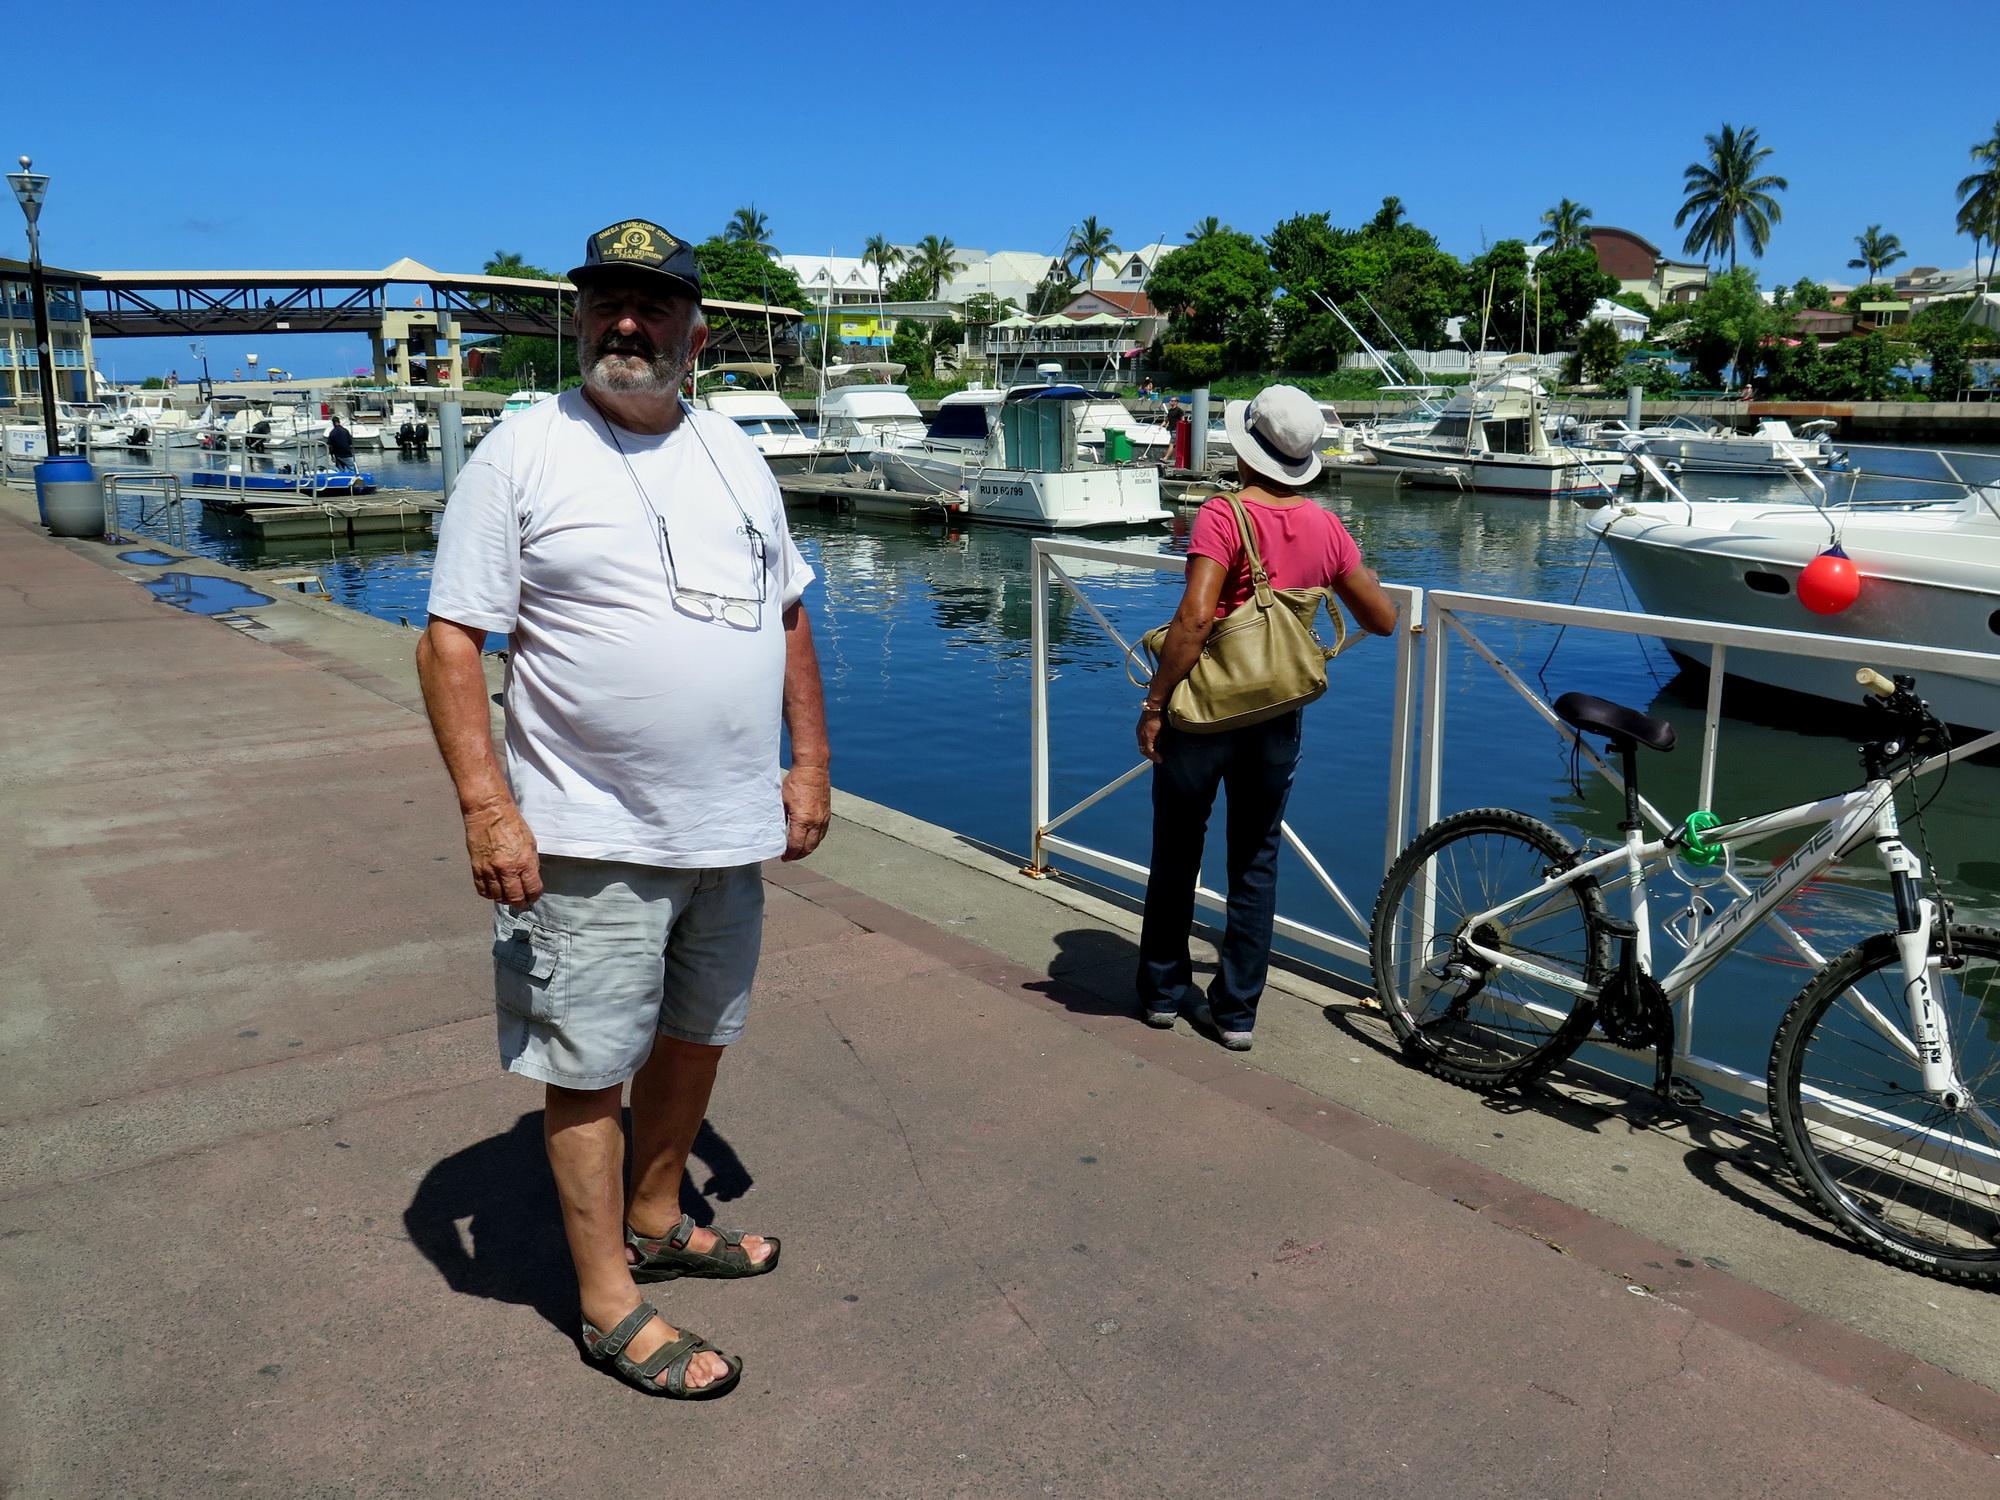 [Vie des ports] Les ports de la Réunion 819389marchsaintpaulstgilles104